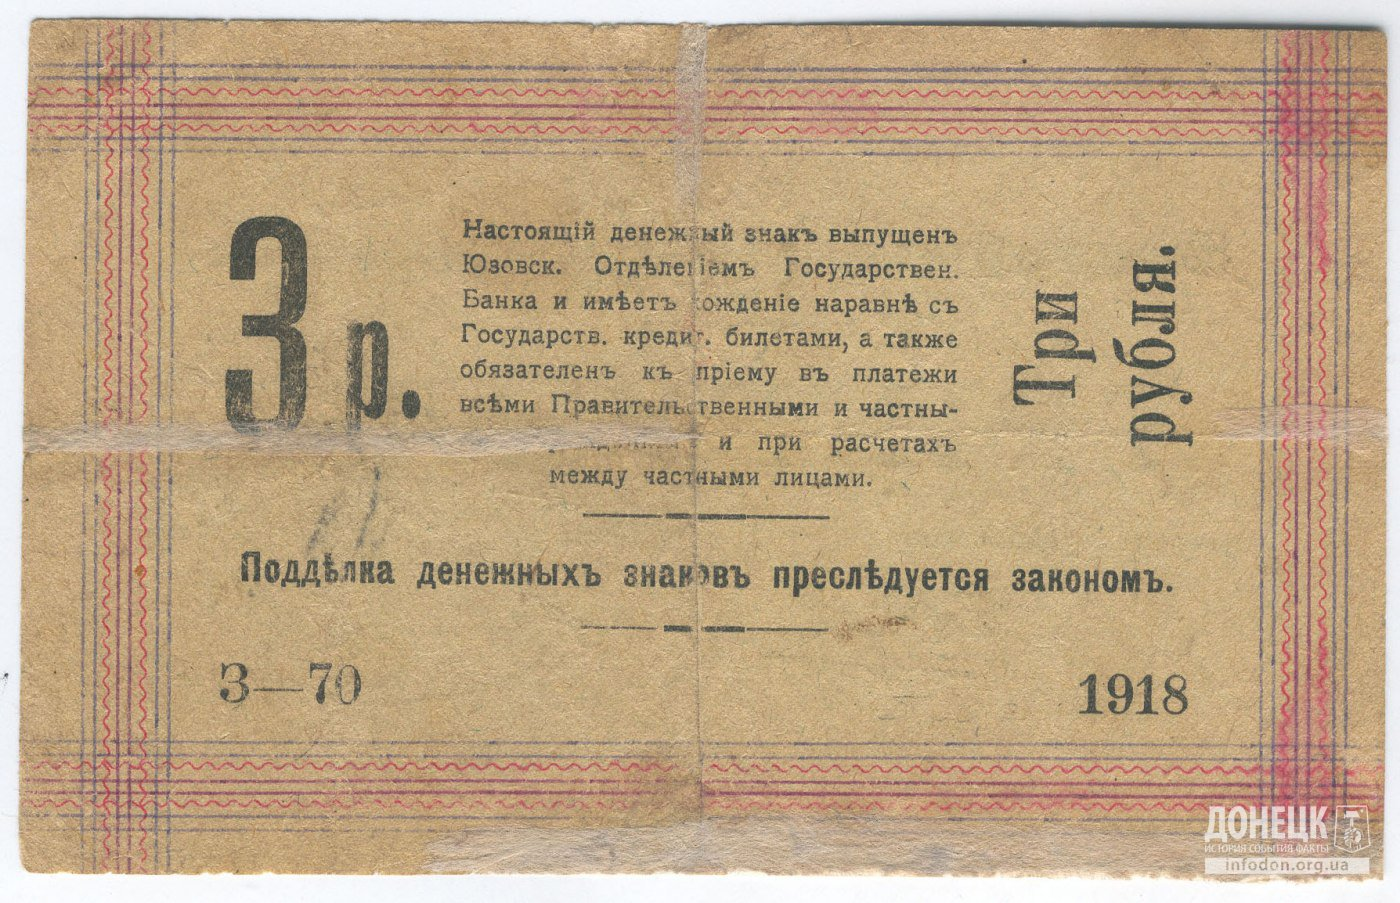 Купюра в 3 рубля, выпущенная Юзовским отделением Государственного банка в 1918 году. Реверс